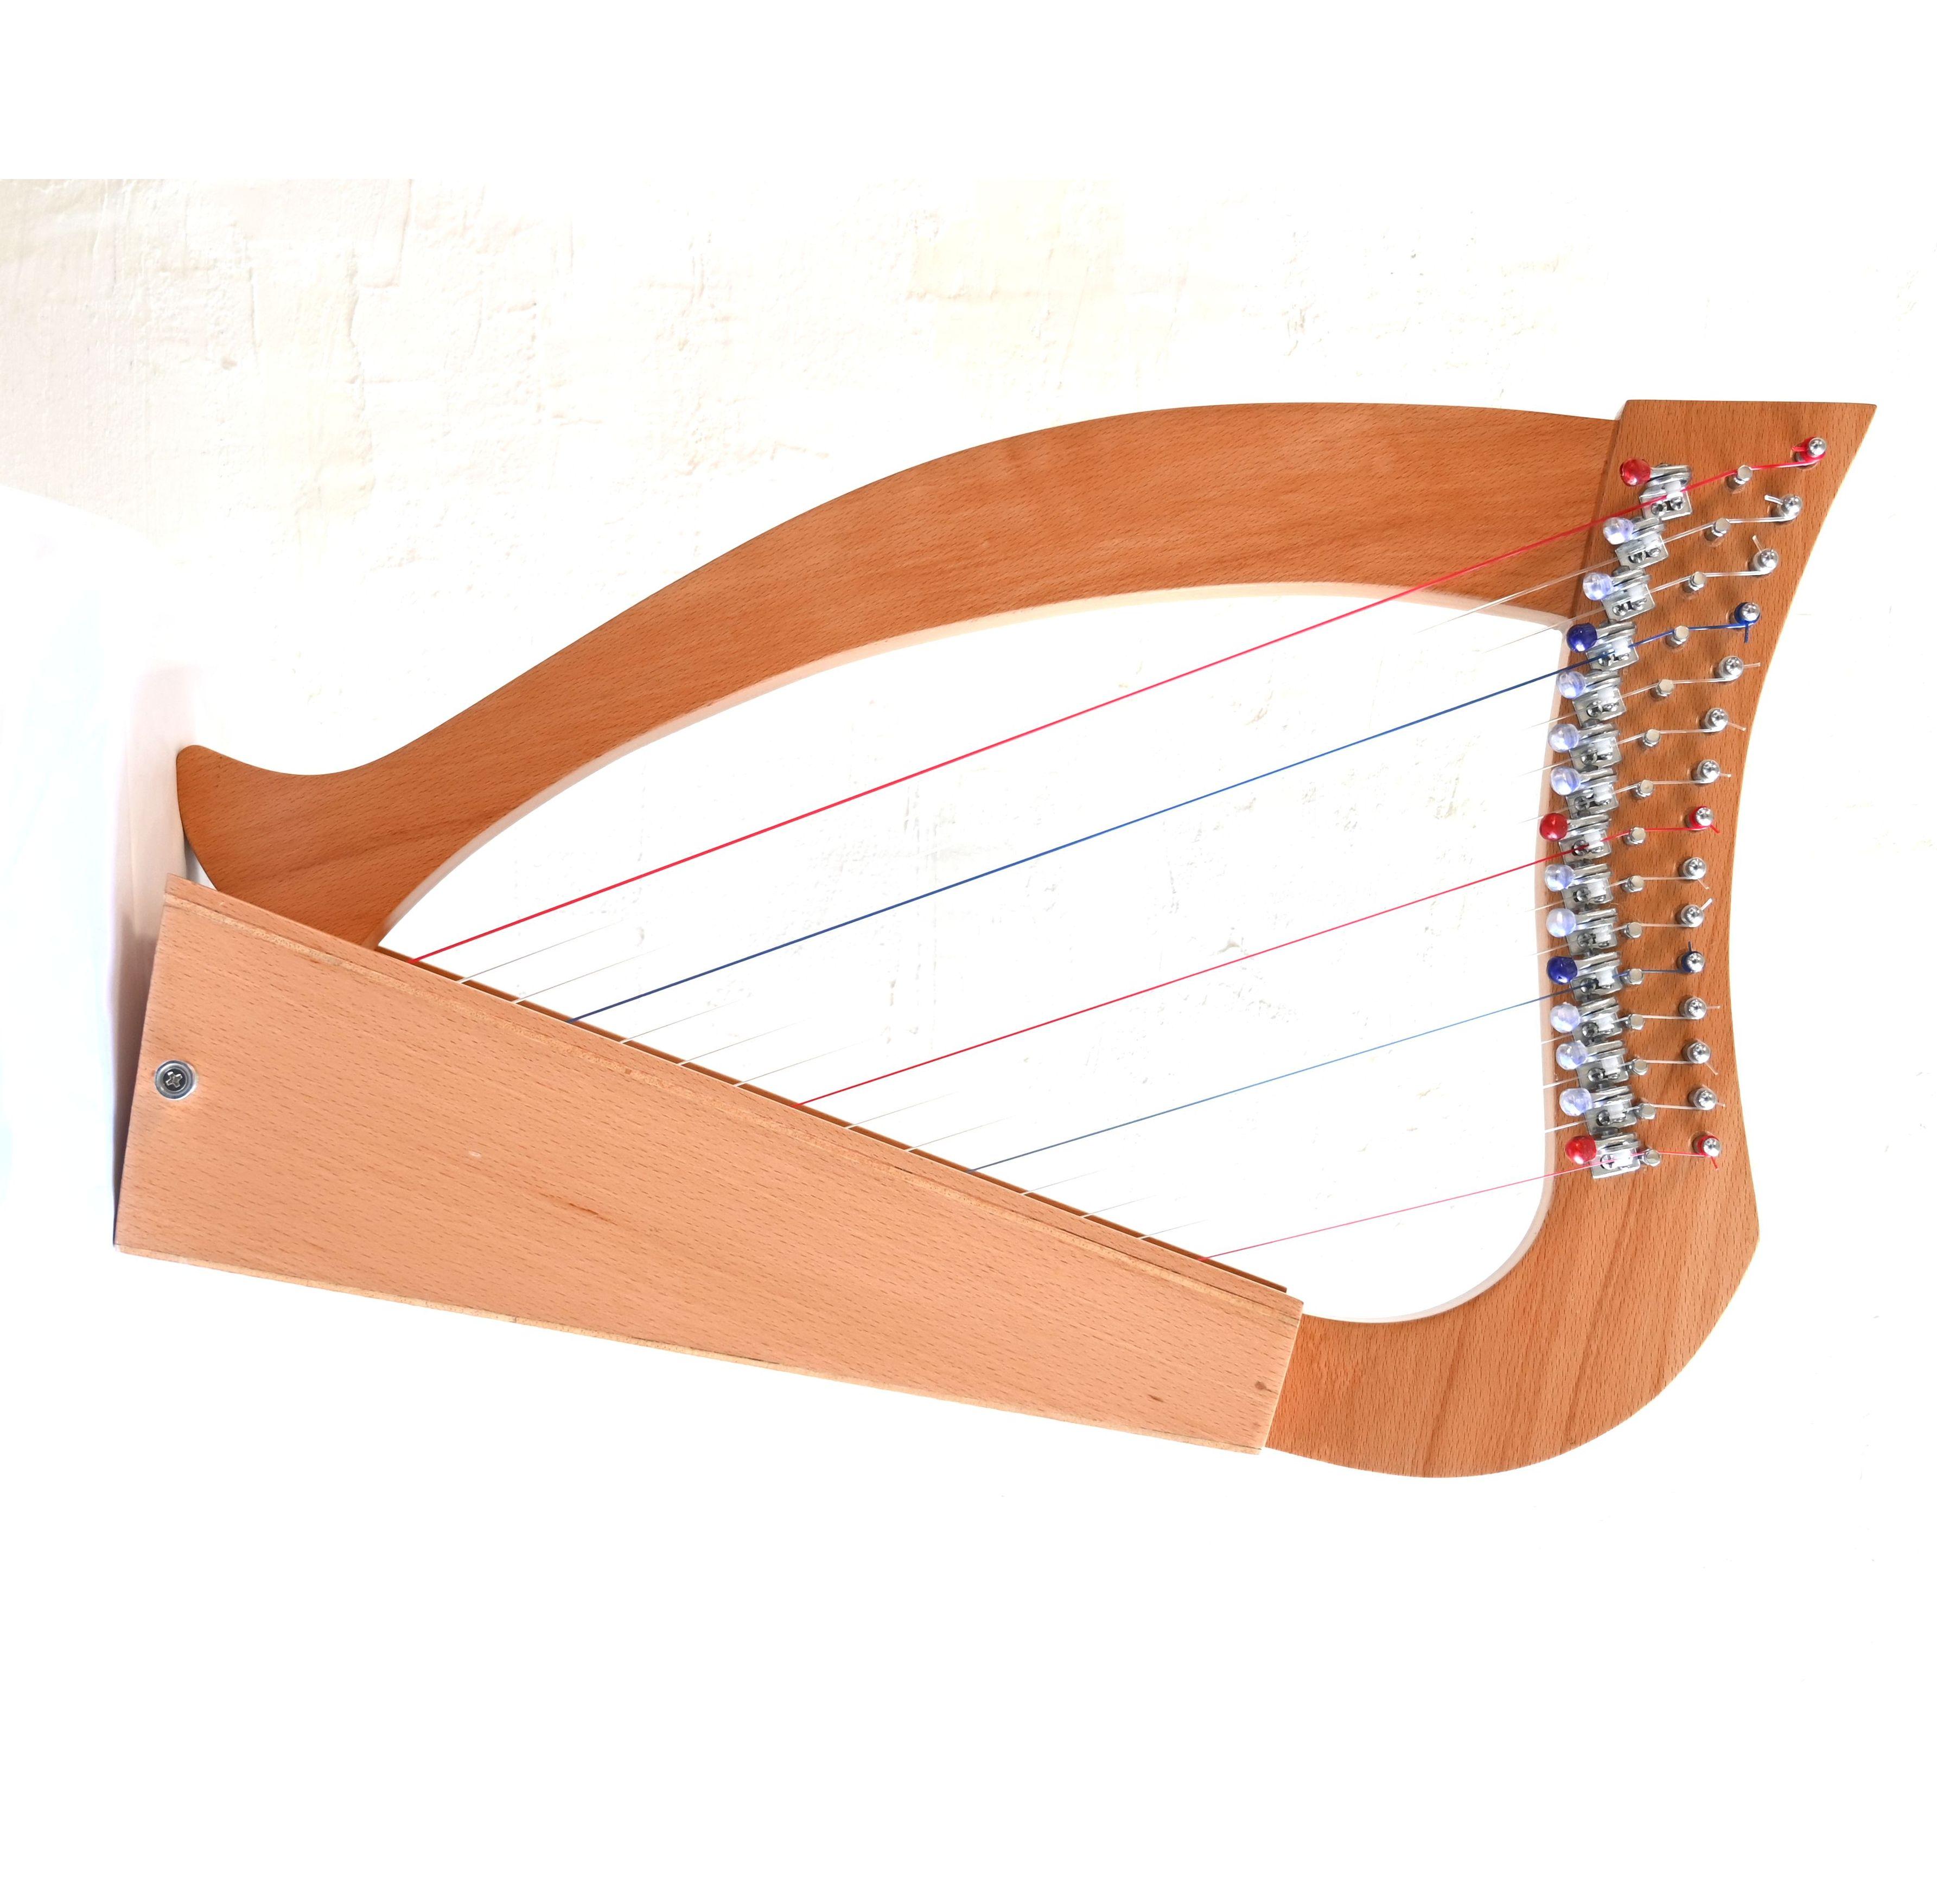 15弦レバー付きototsubu harp